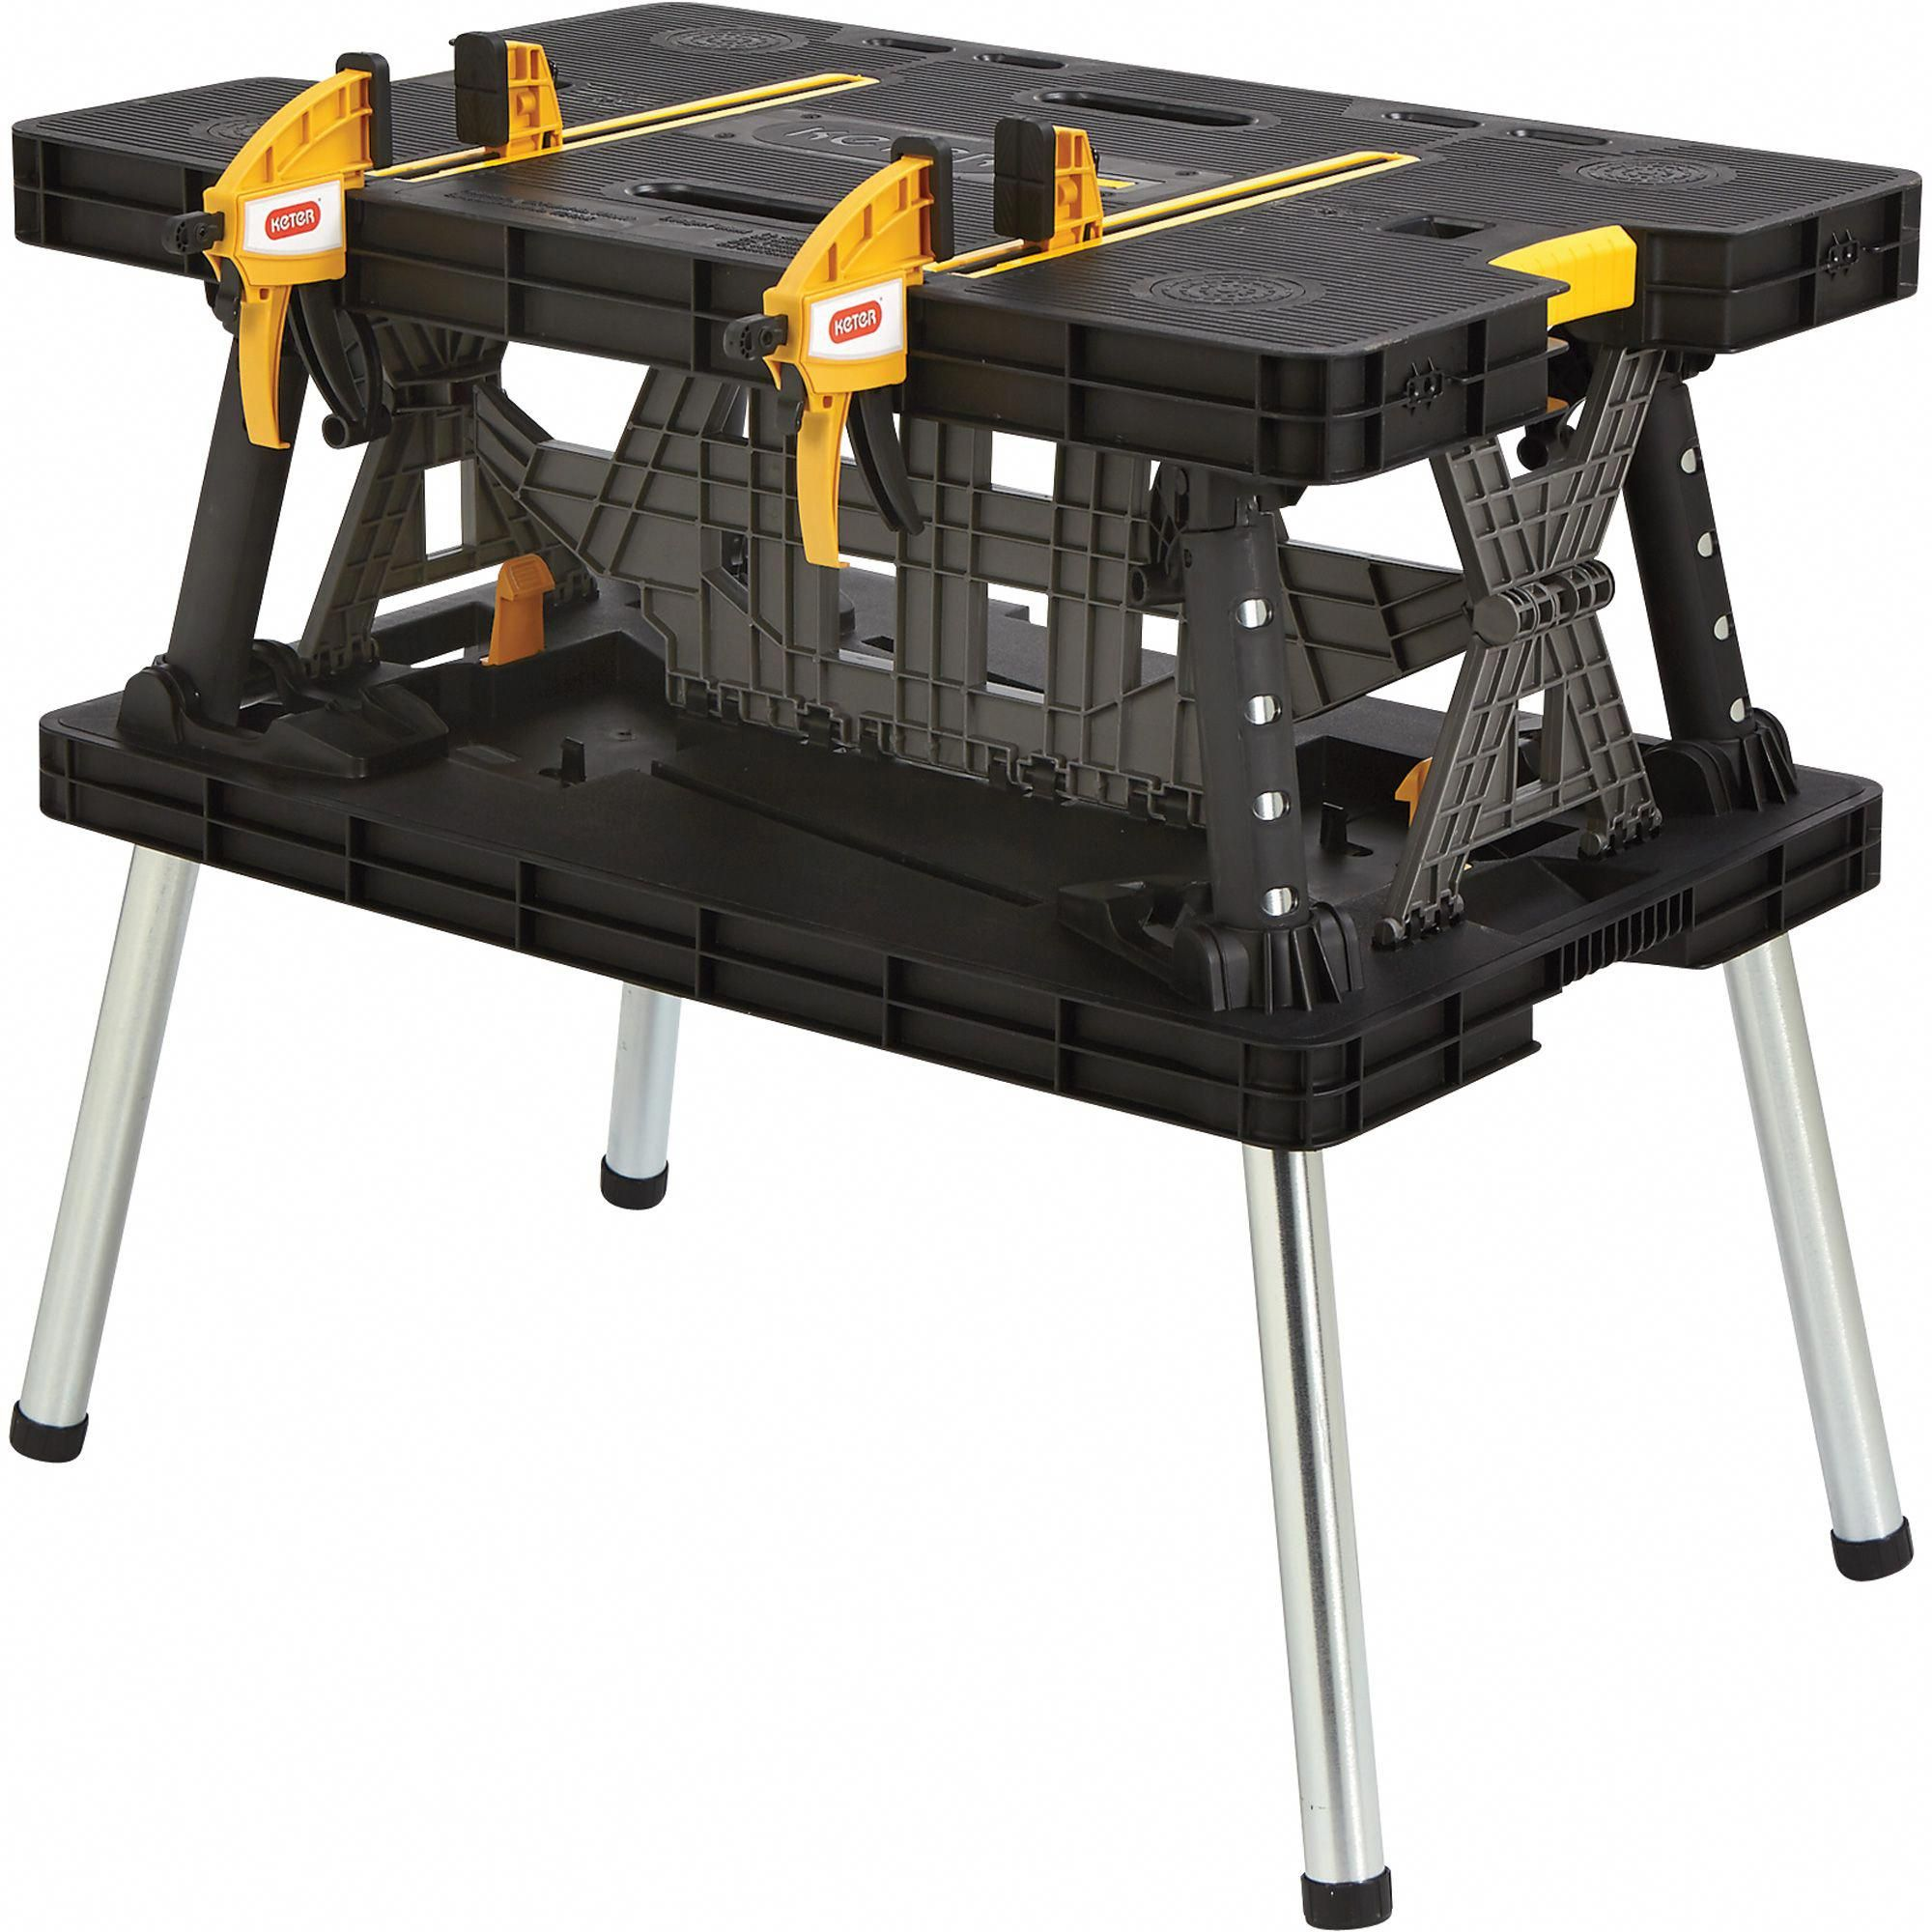 Welding Table Build Weldingtable In 2020 Keter Folding Work Table Work Table Welding Table